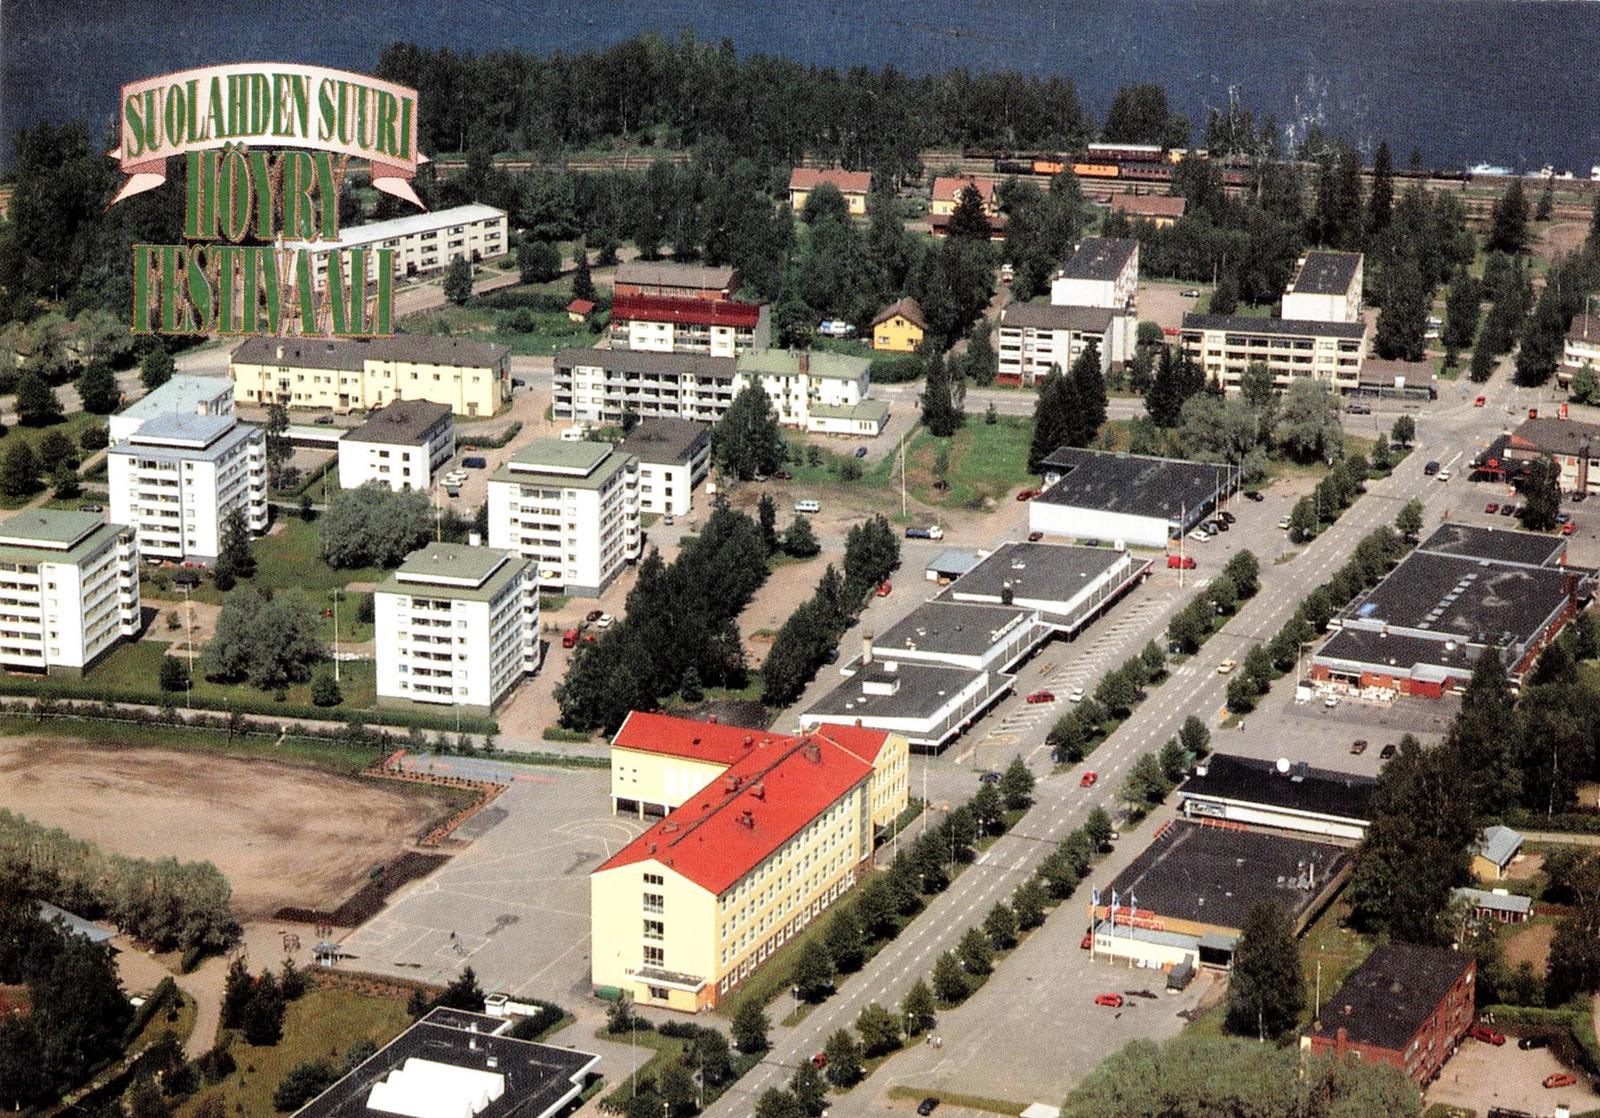 Keskustan kerrostaloalue pystytettiin 1968-1977. Hopeapajunkadun kerrostalo suunniteltiin jo 1966. Vuosien myötä ovat puut kasvaneet ja 90-luvun puolivälissä maisemat maankamaralla olivat jo kovasti vihertyneet.